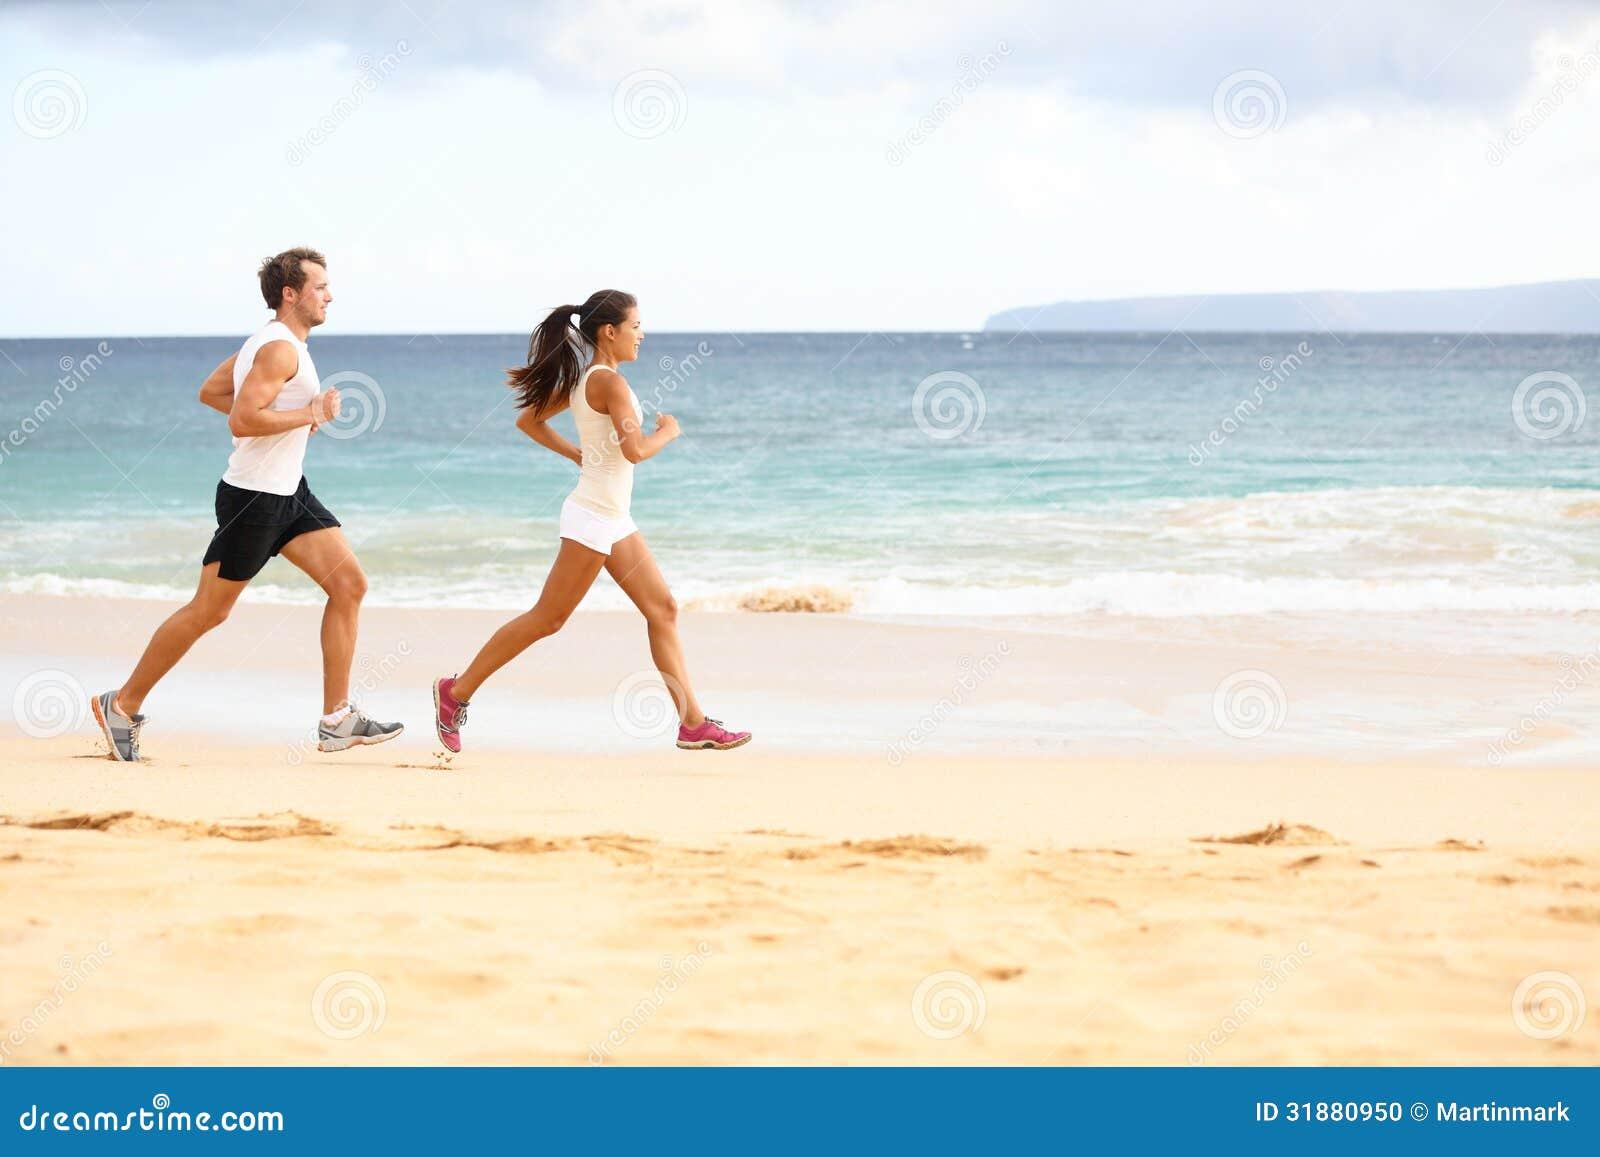 Идущие люди - бегуны спортсмена женщины и человека